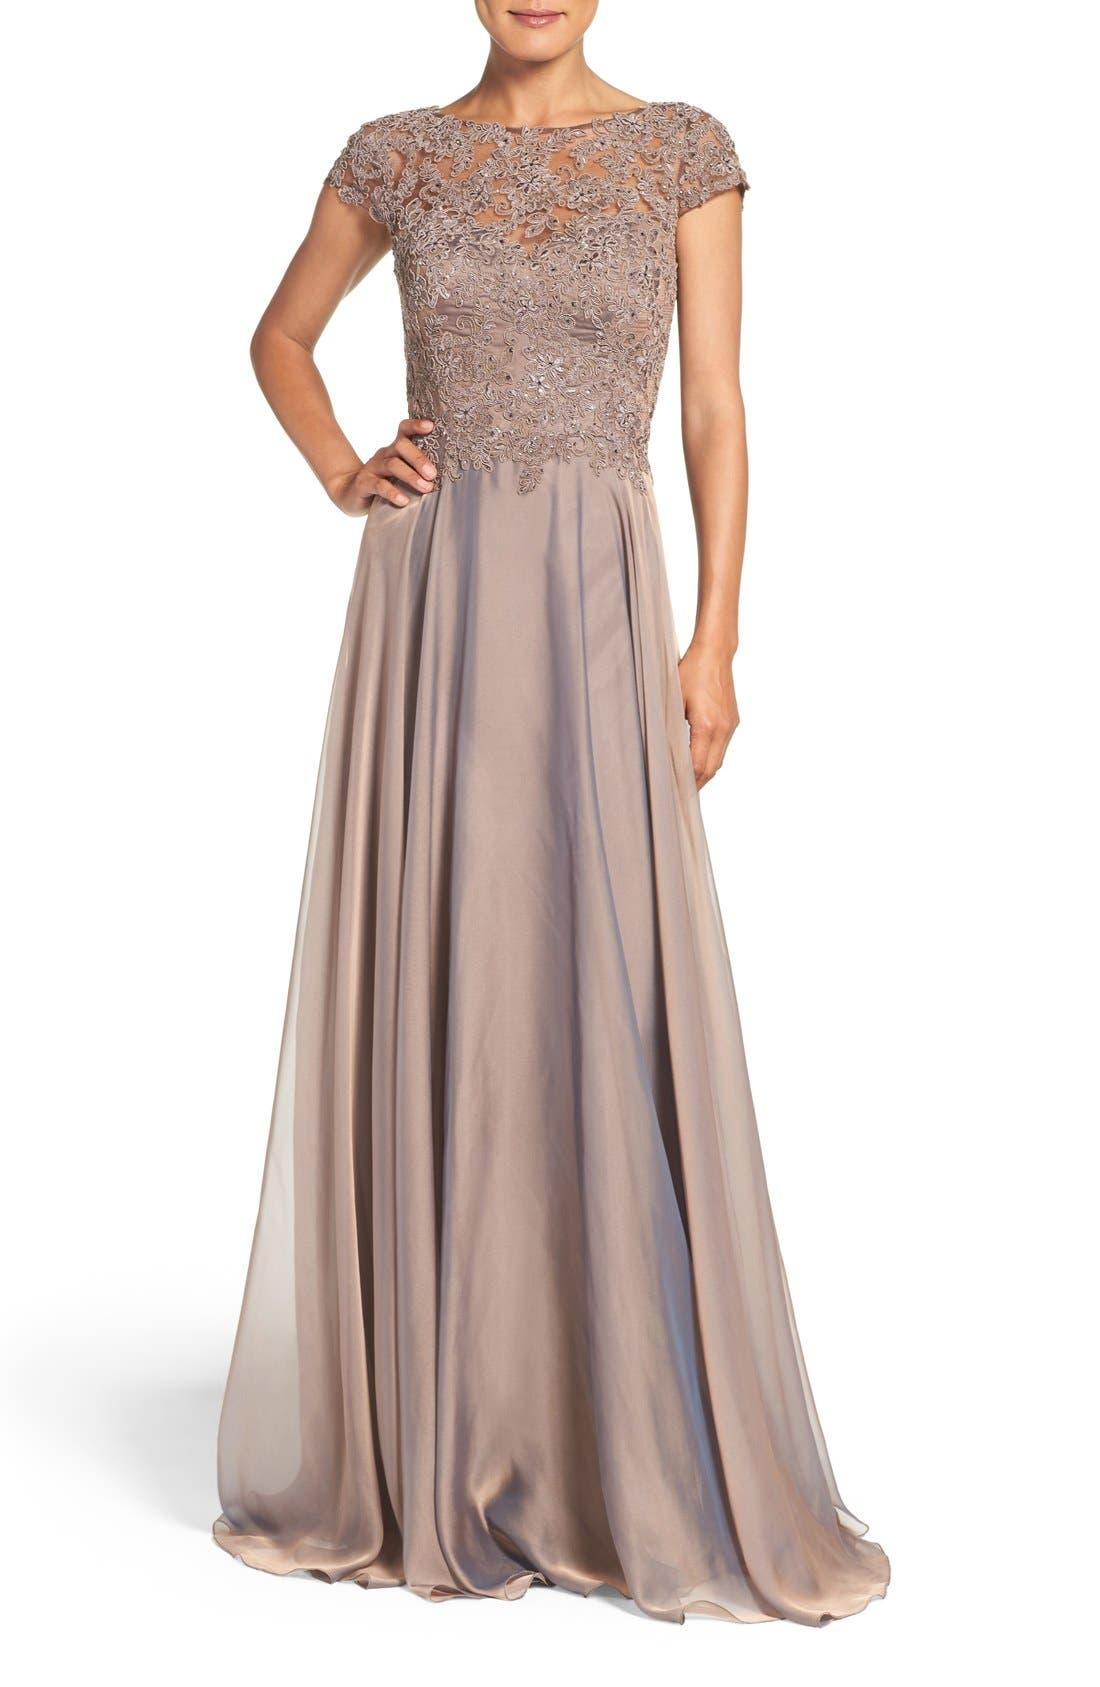 La Femme Embellished Lace & Satin Ballgown, Brown